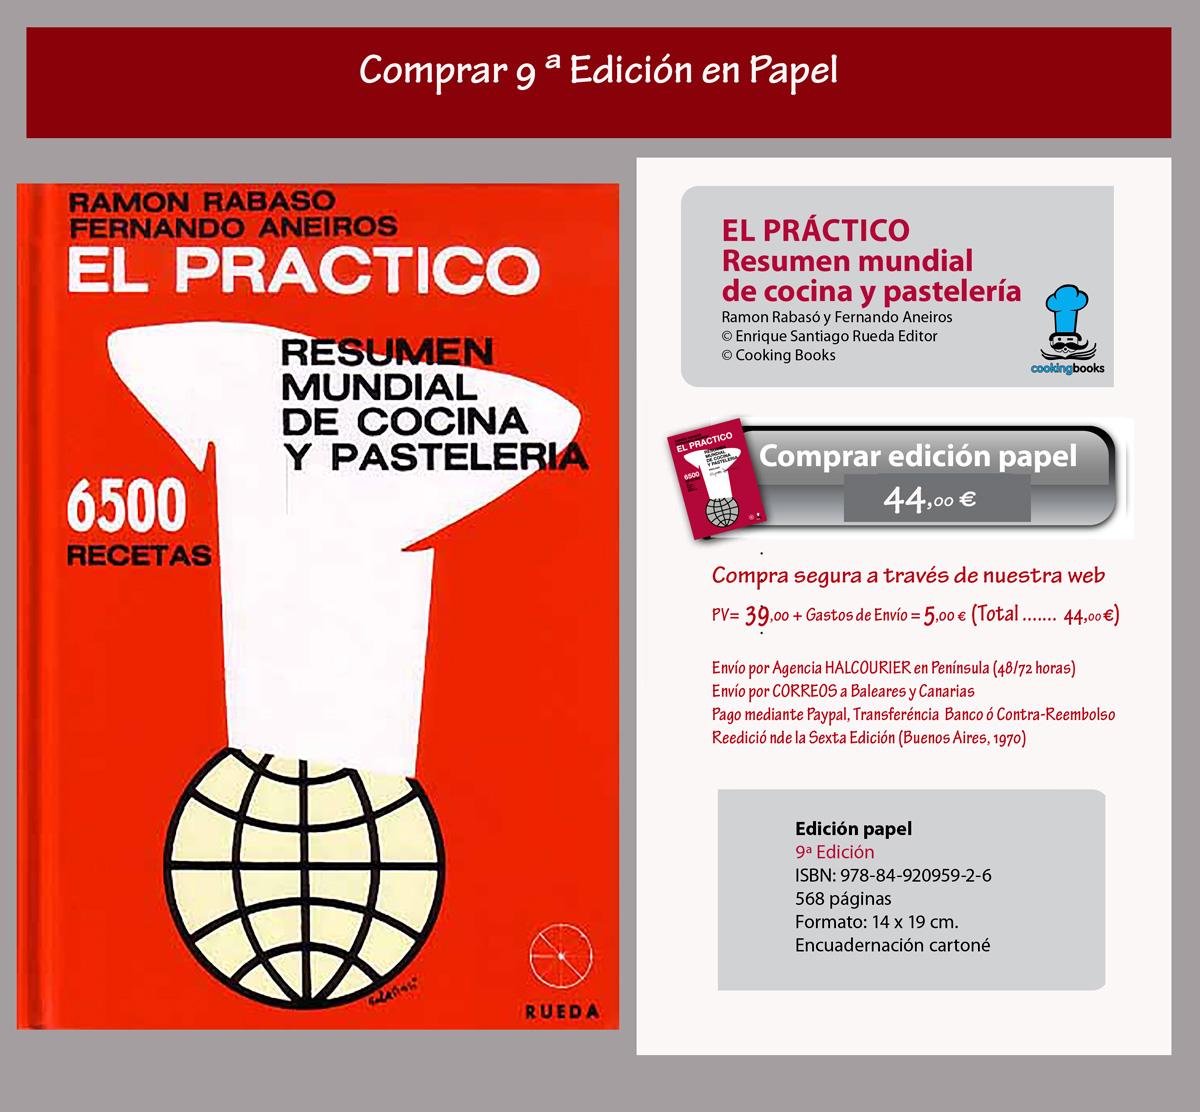 Comprar libro El PRACTICO - 6500 Recetas- Resumen mundial de Cocina y Pastelería